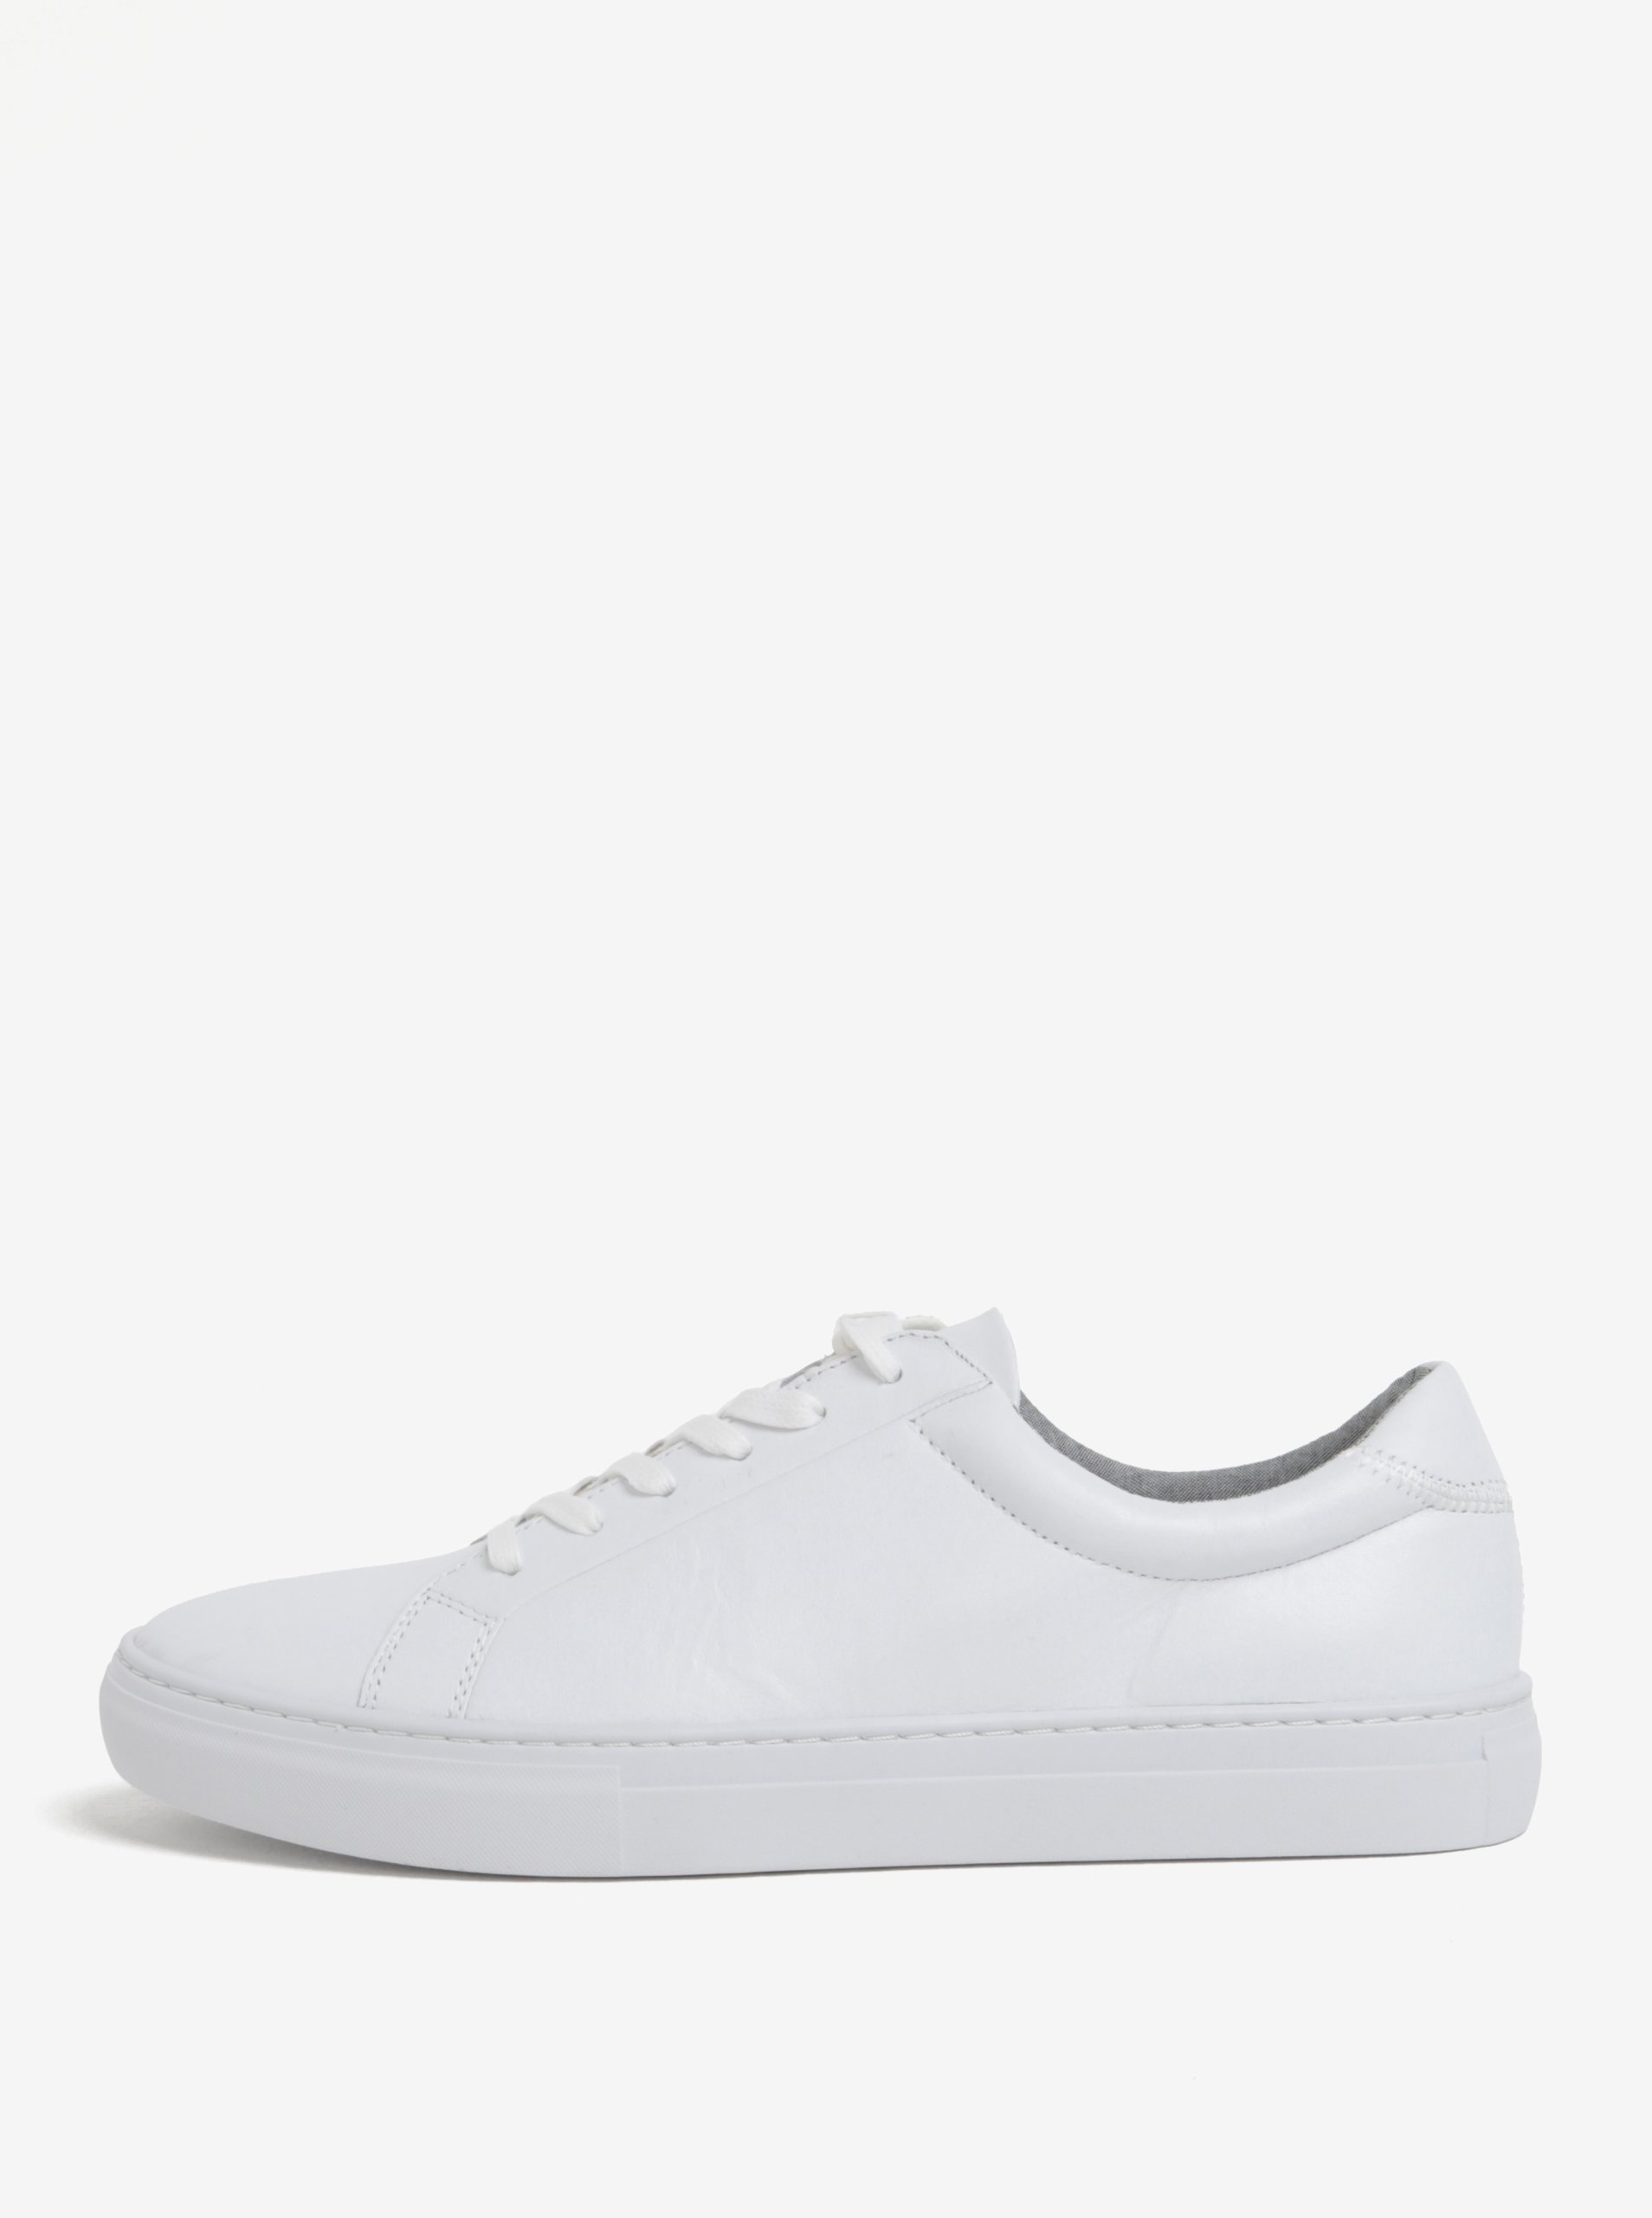 Biele pánske kožené tenisky Vagabond Paul  acbfc949570